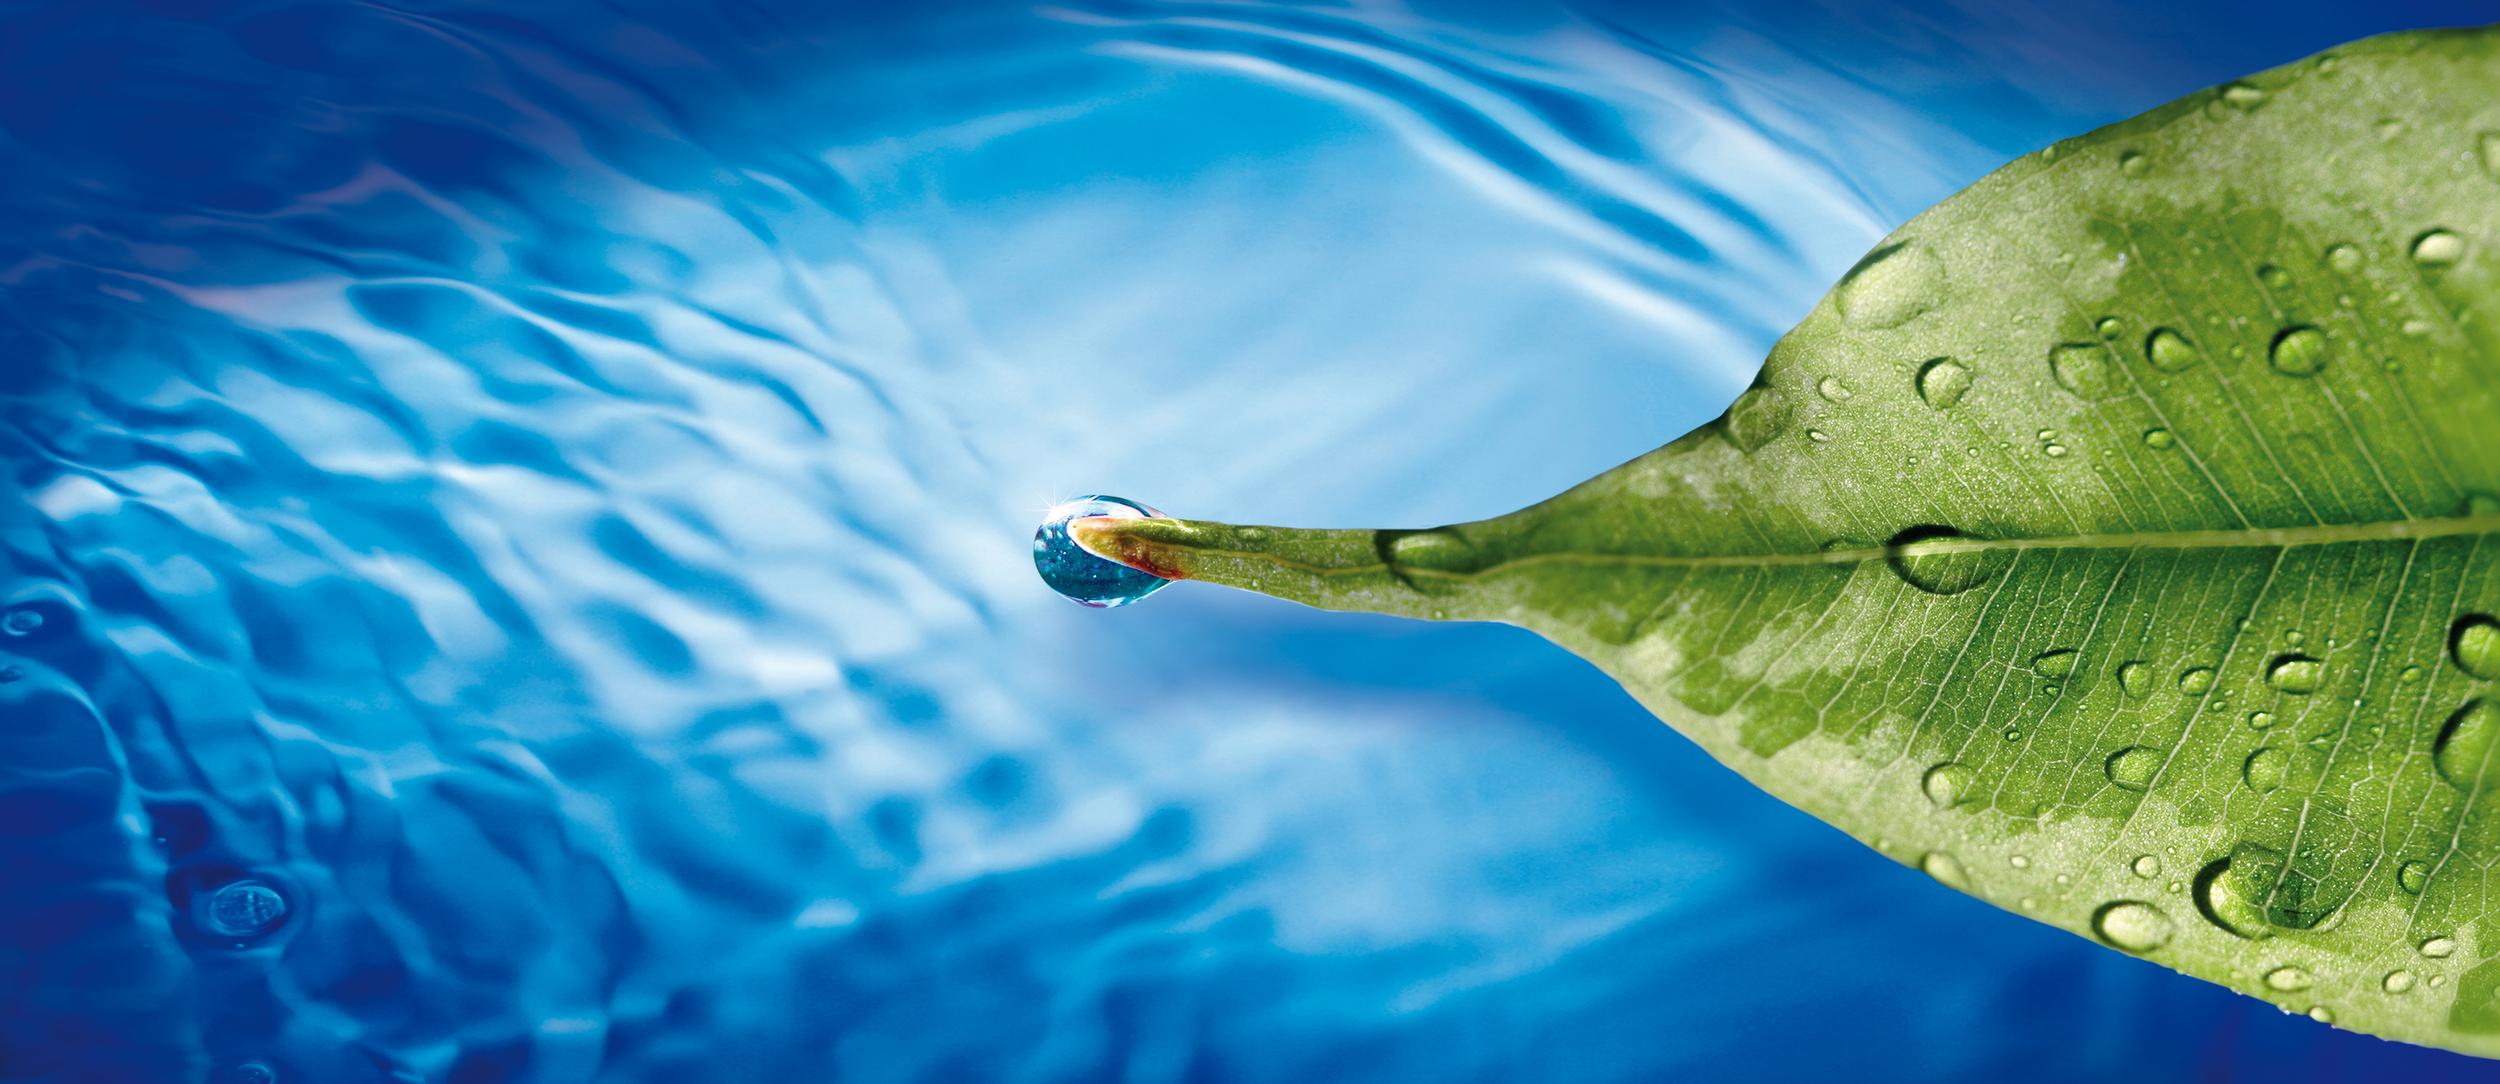 image-leaf-water reuse-quality.jpg